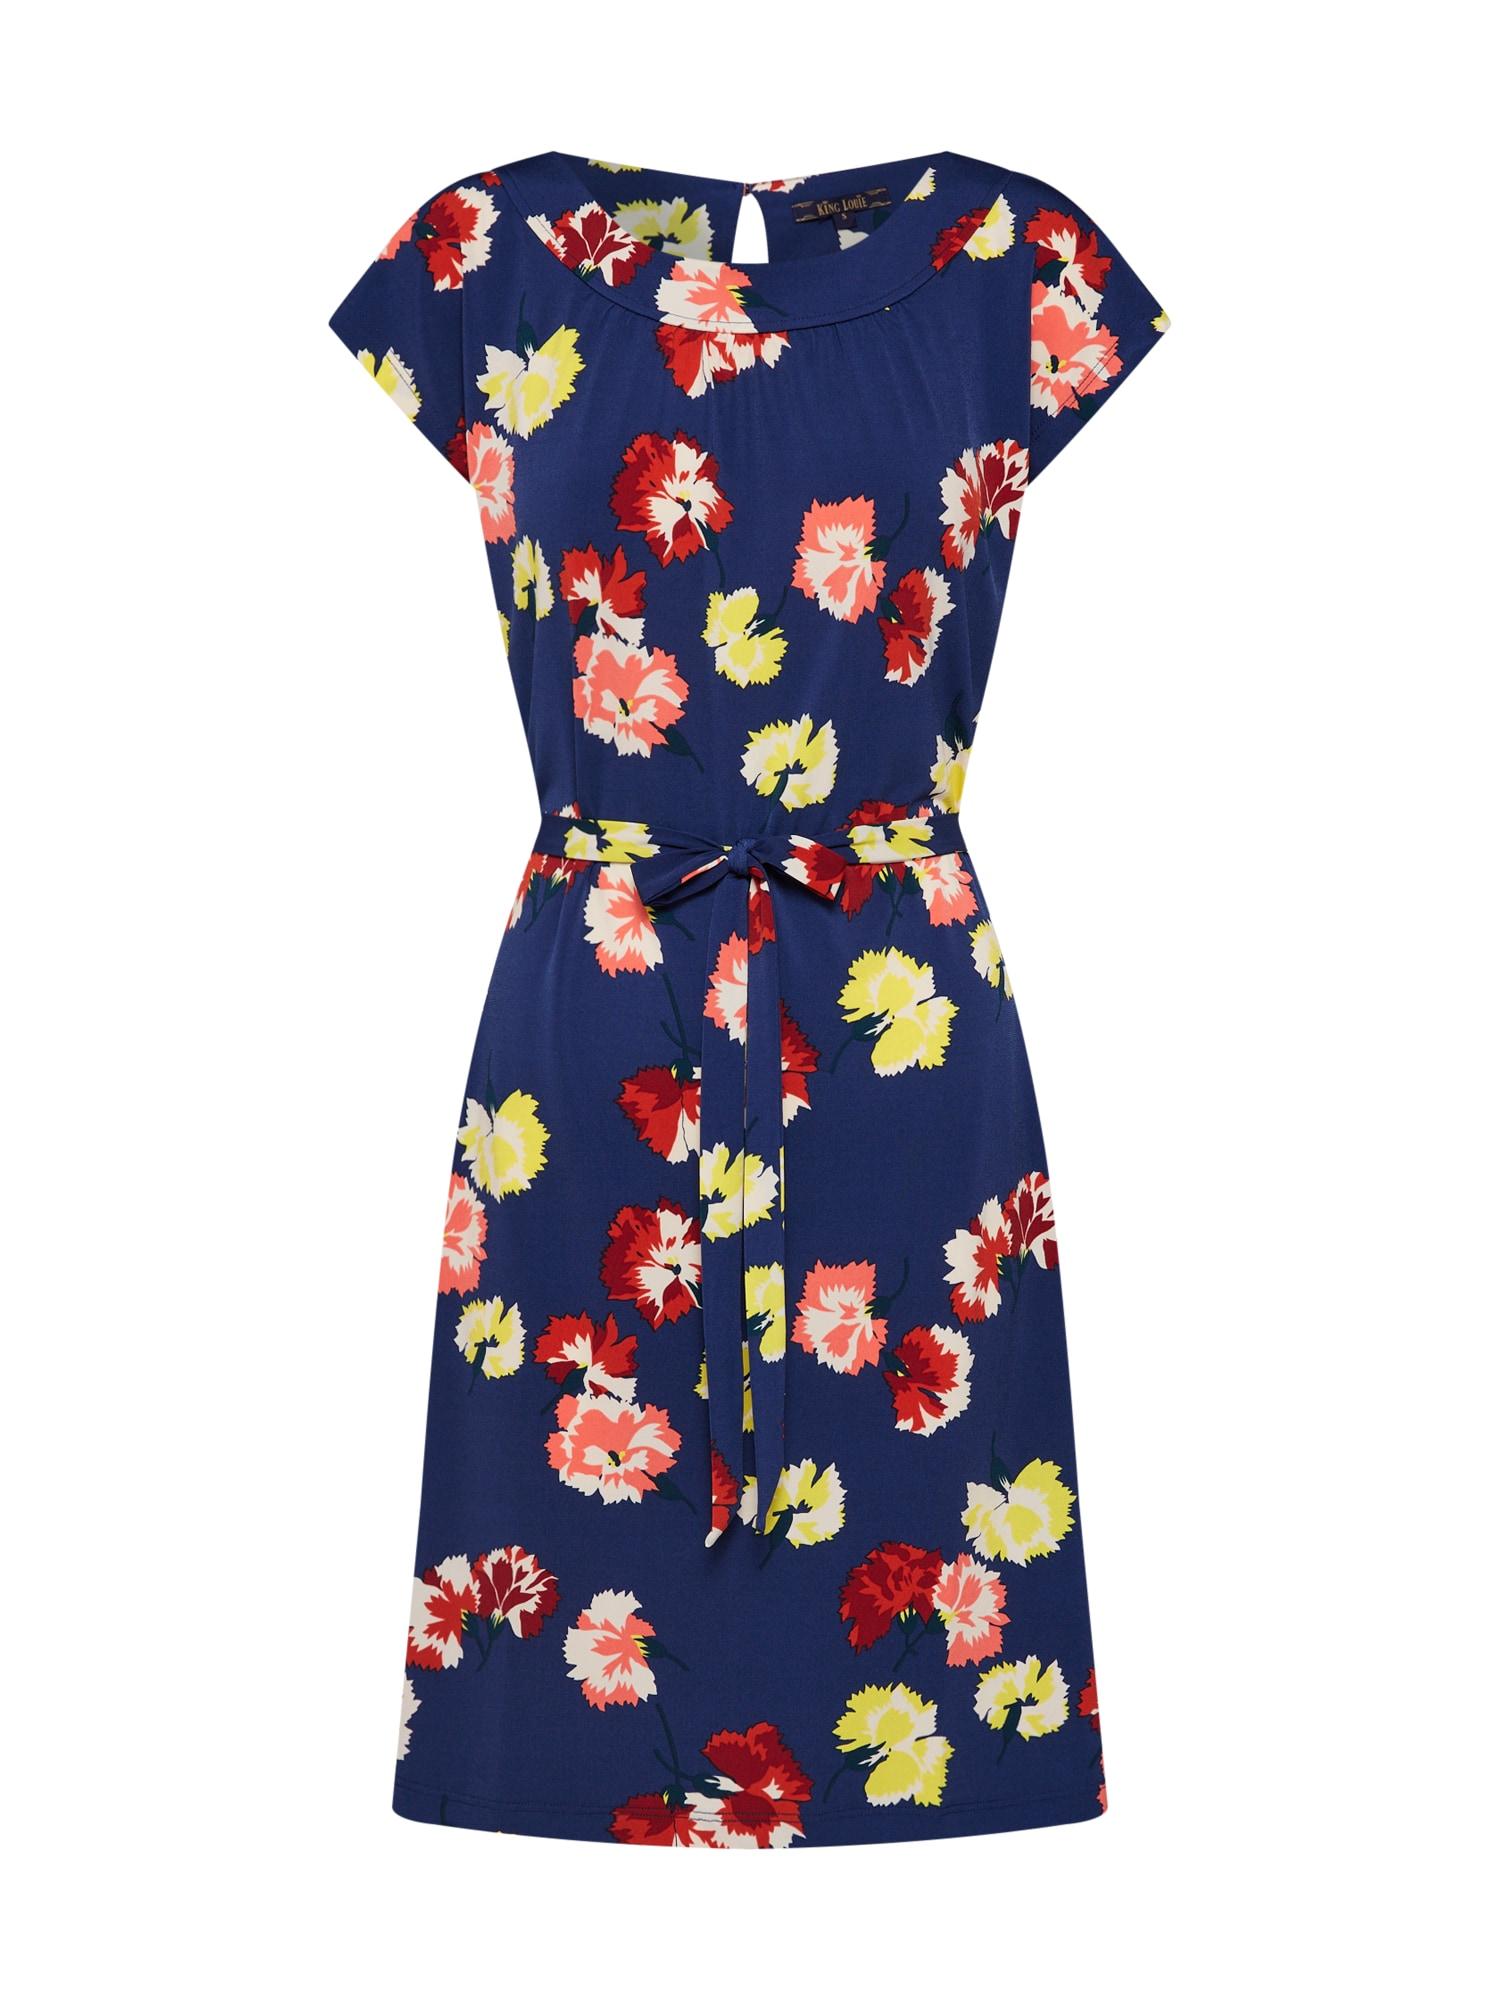 Letní šaty Mimosa tmavě modrá mix barev King Louie